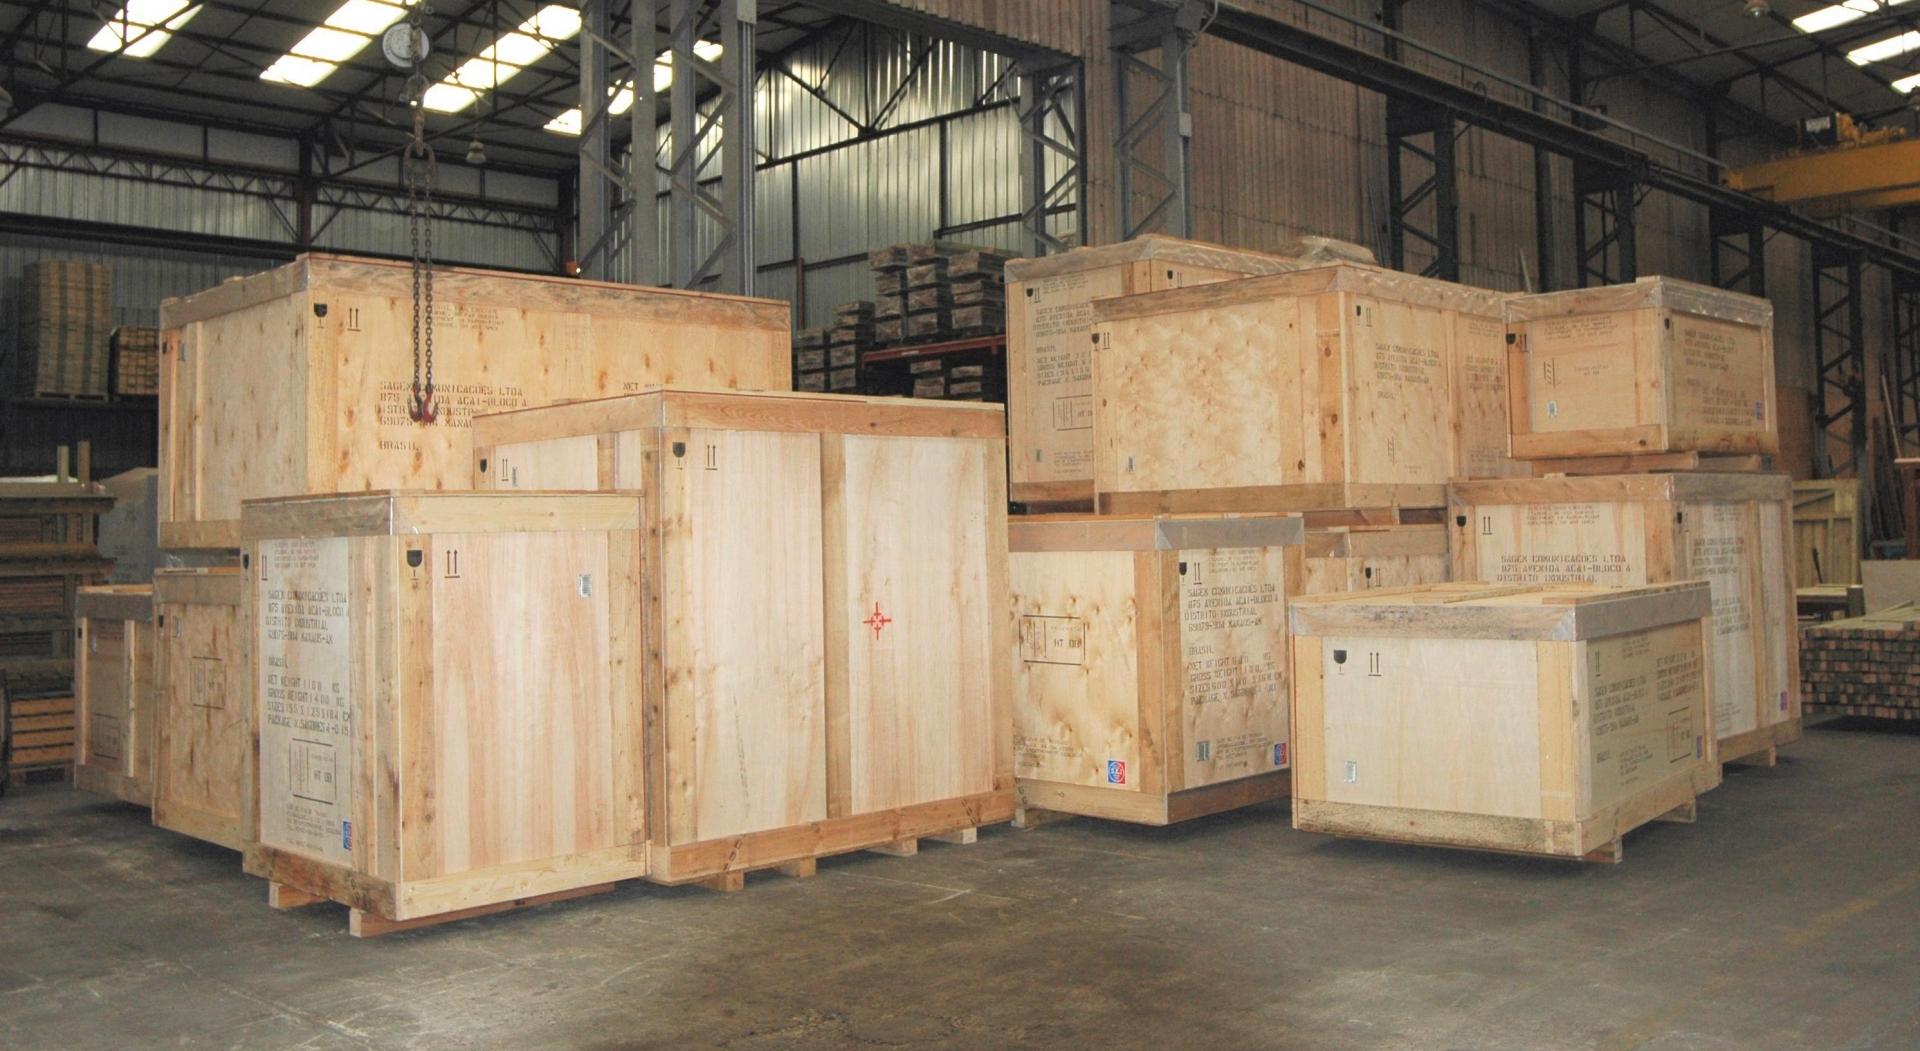 Image gauche - Emballage industriel